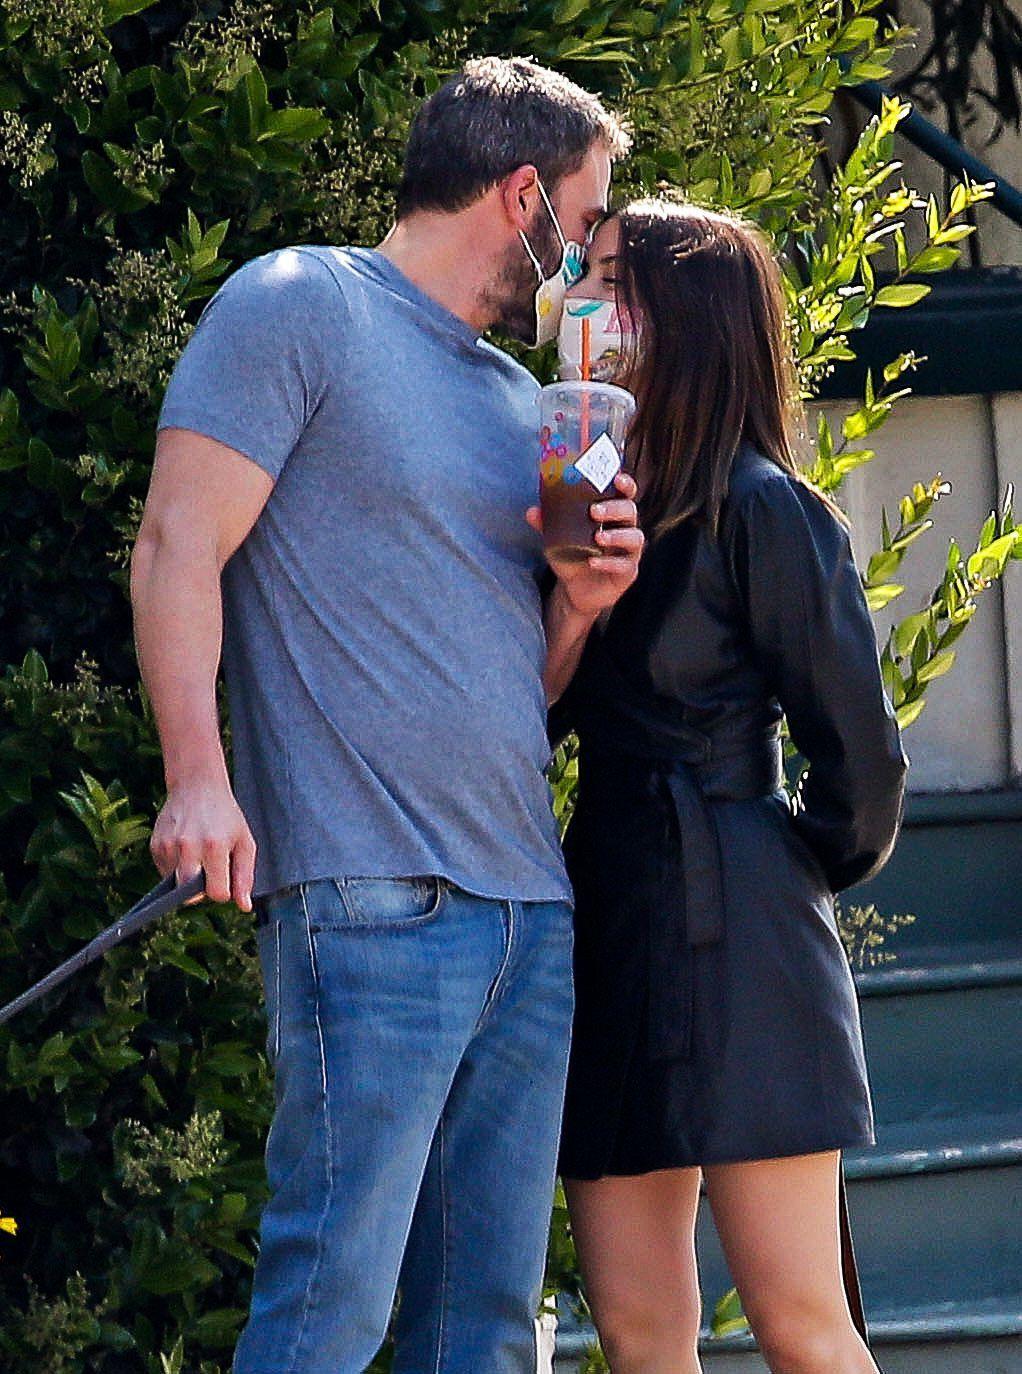 班艾佛列克大街上隔著口罩親吻安娜迪阿瑪斯。圖/達志影像